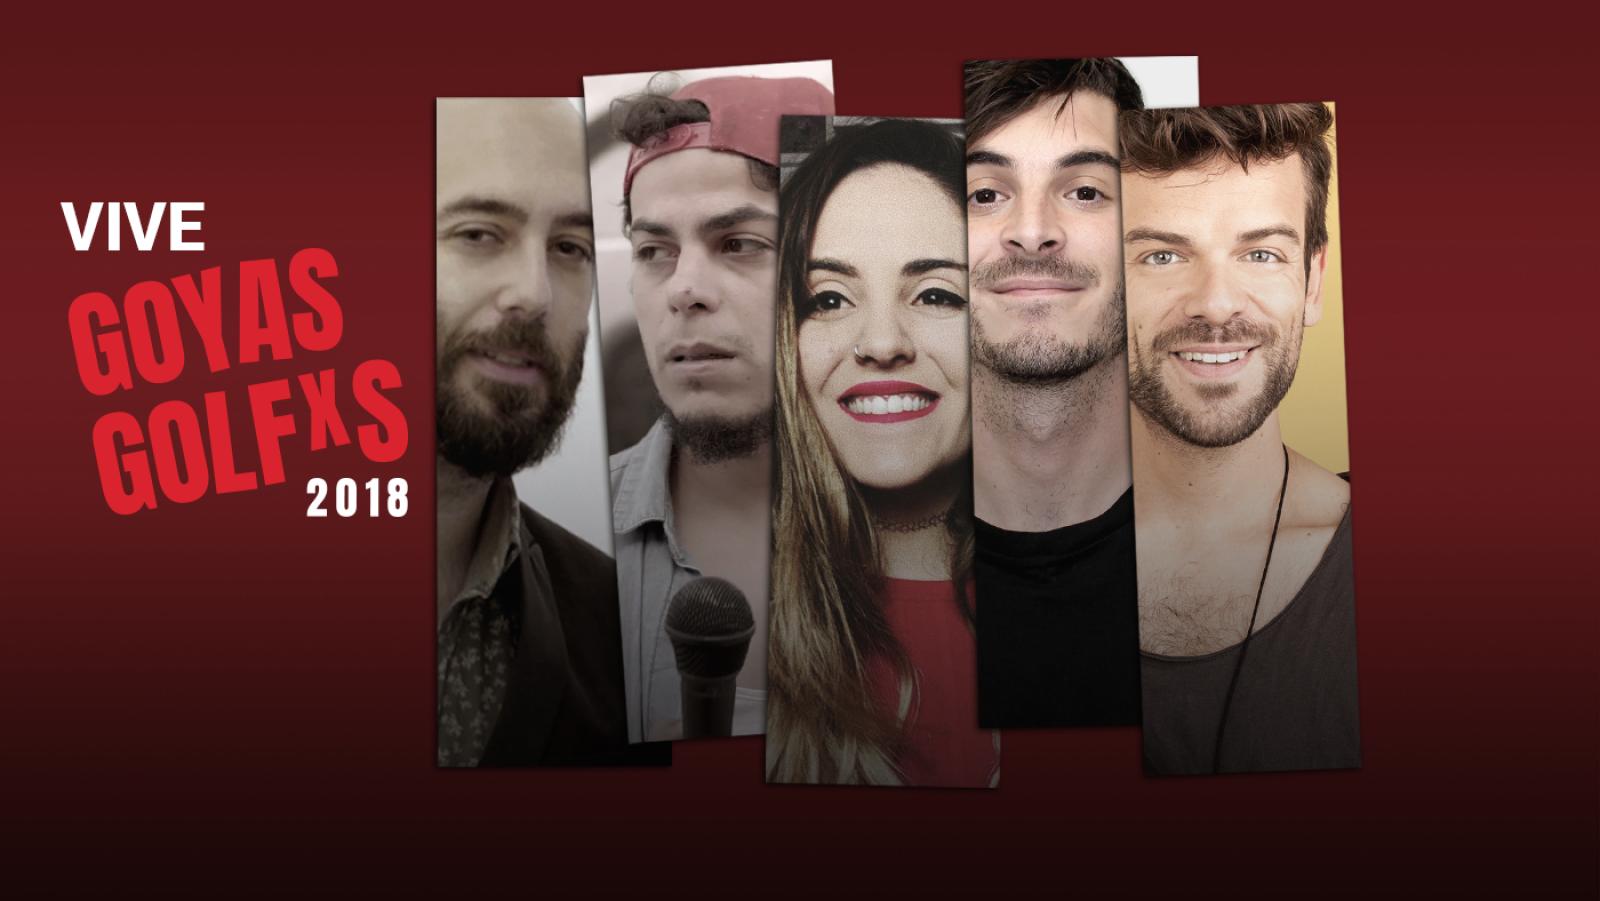 Goyas Golfos 2018 - Andrea Compton y Antón Lofer retransmitirán los Goyas Golfos desde el backstage y la alfombra roja